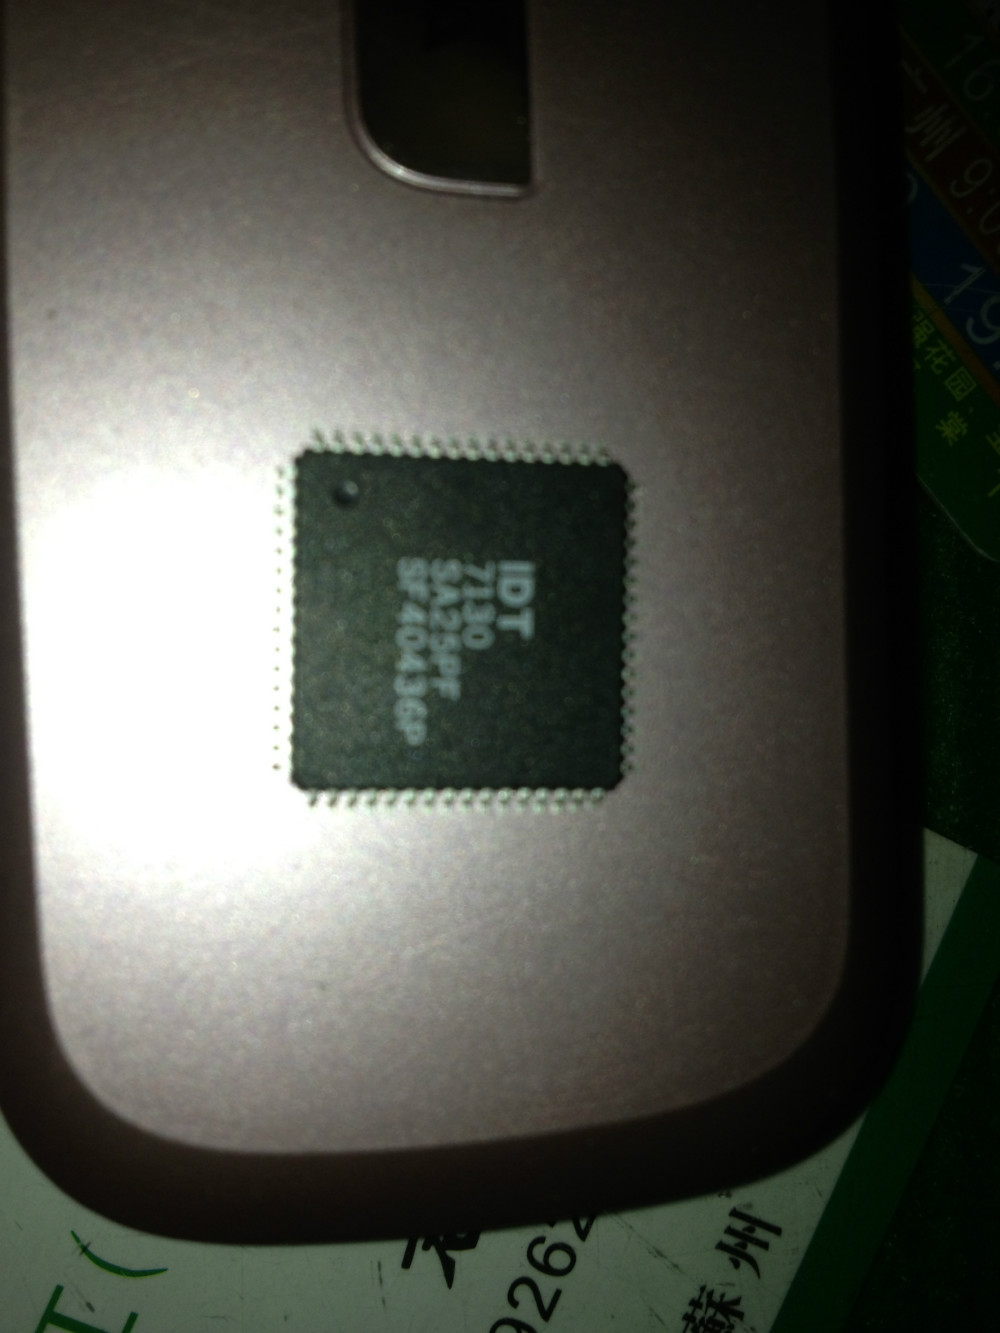 XC3S1000-4FG456C   XILINX  1200PCS